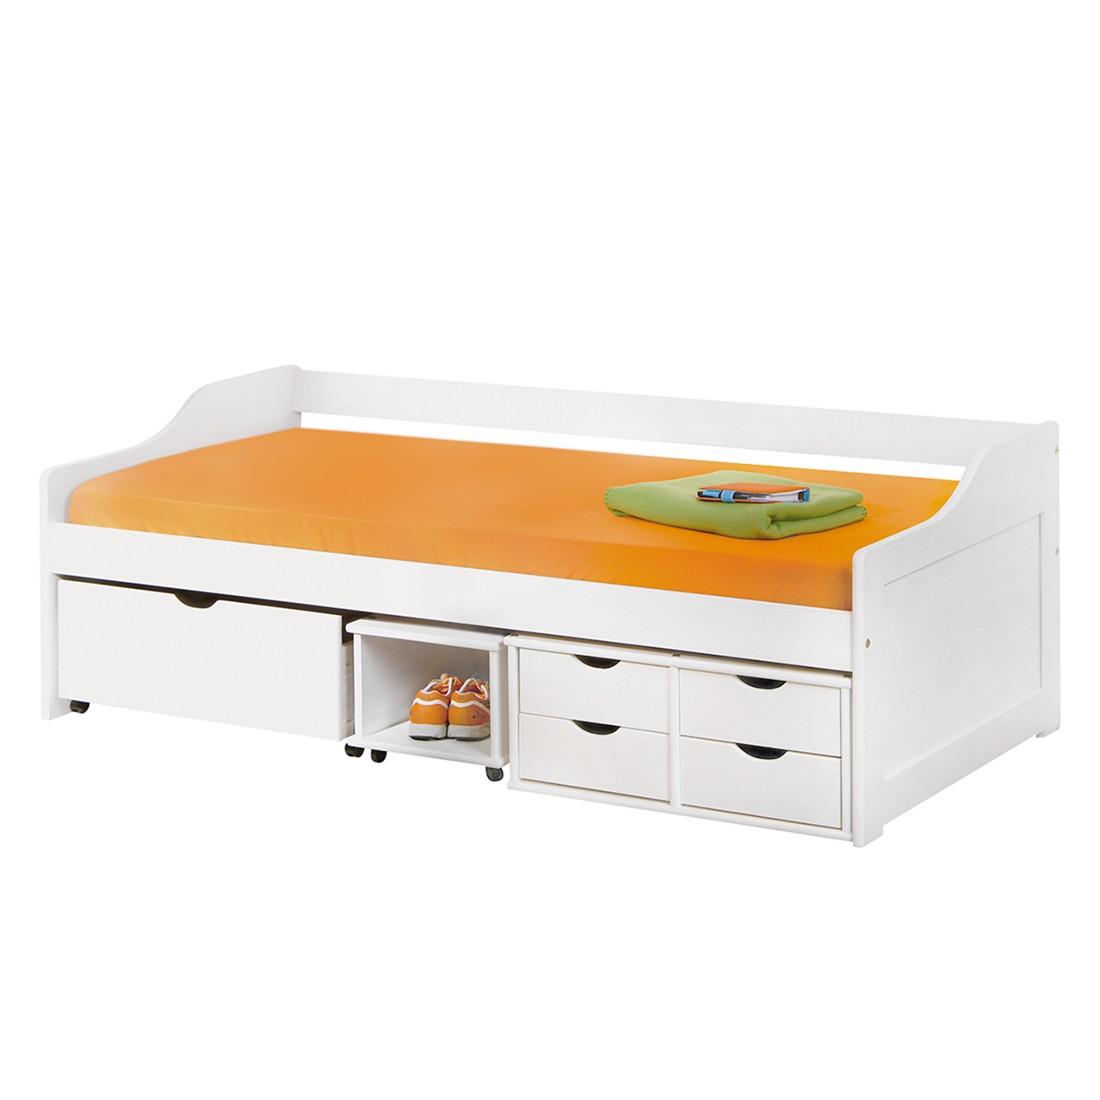 23 sparen stauraumbett floro von interlink nur 259 99 cherry m bel home24. Black Bedroom Furniture Sets. Home Design Ideas